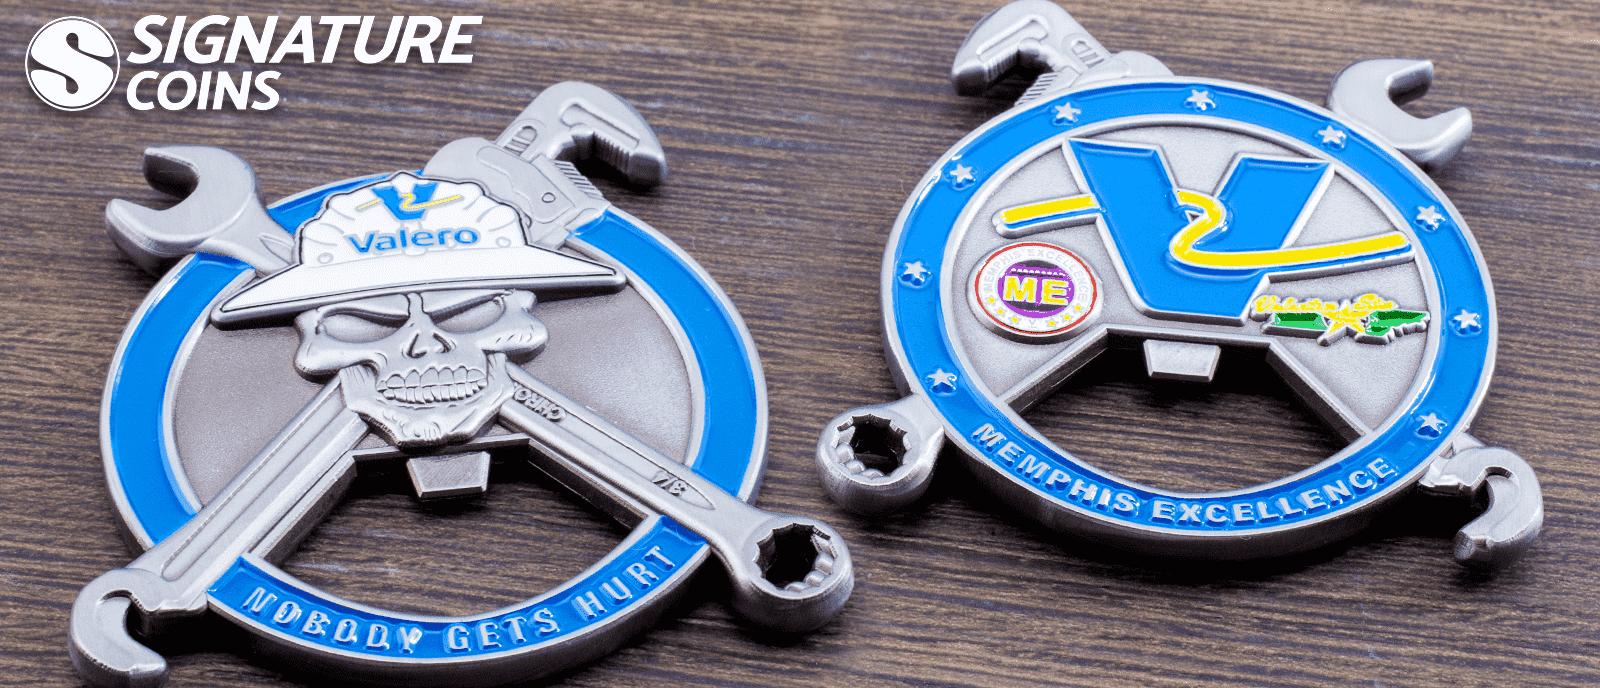 velero bottle opener safety challenge coins3